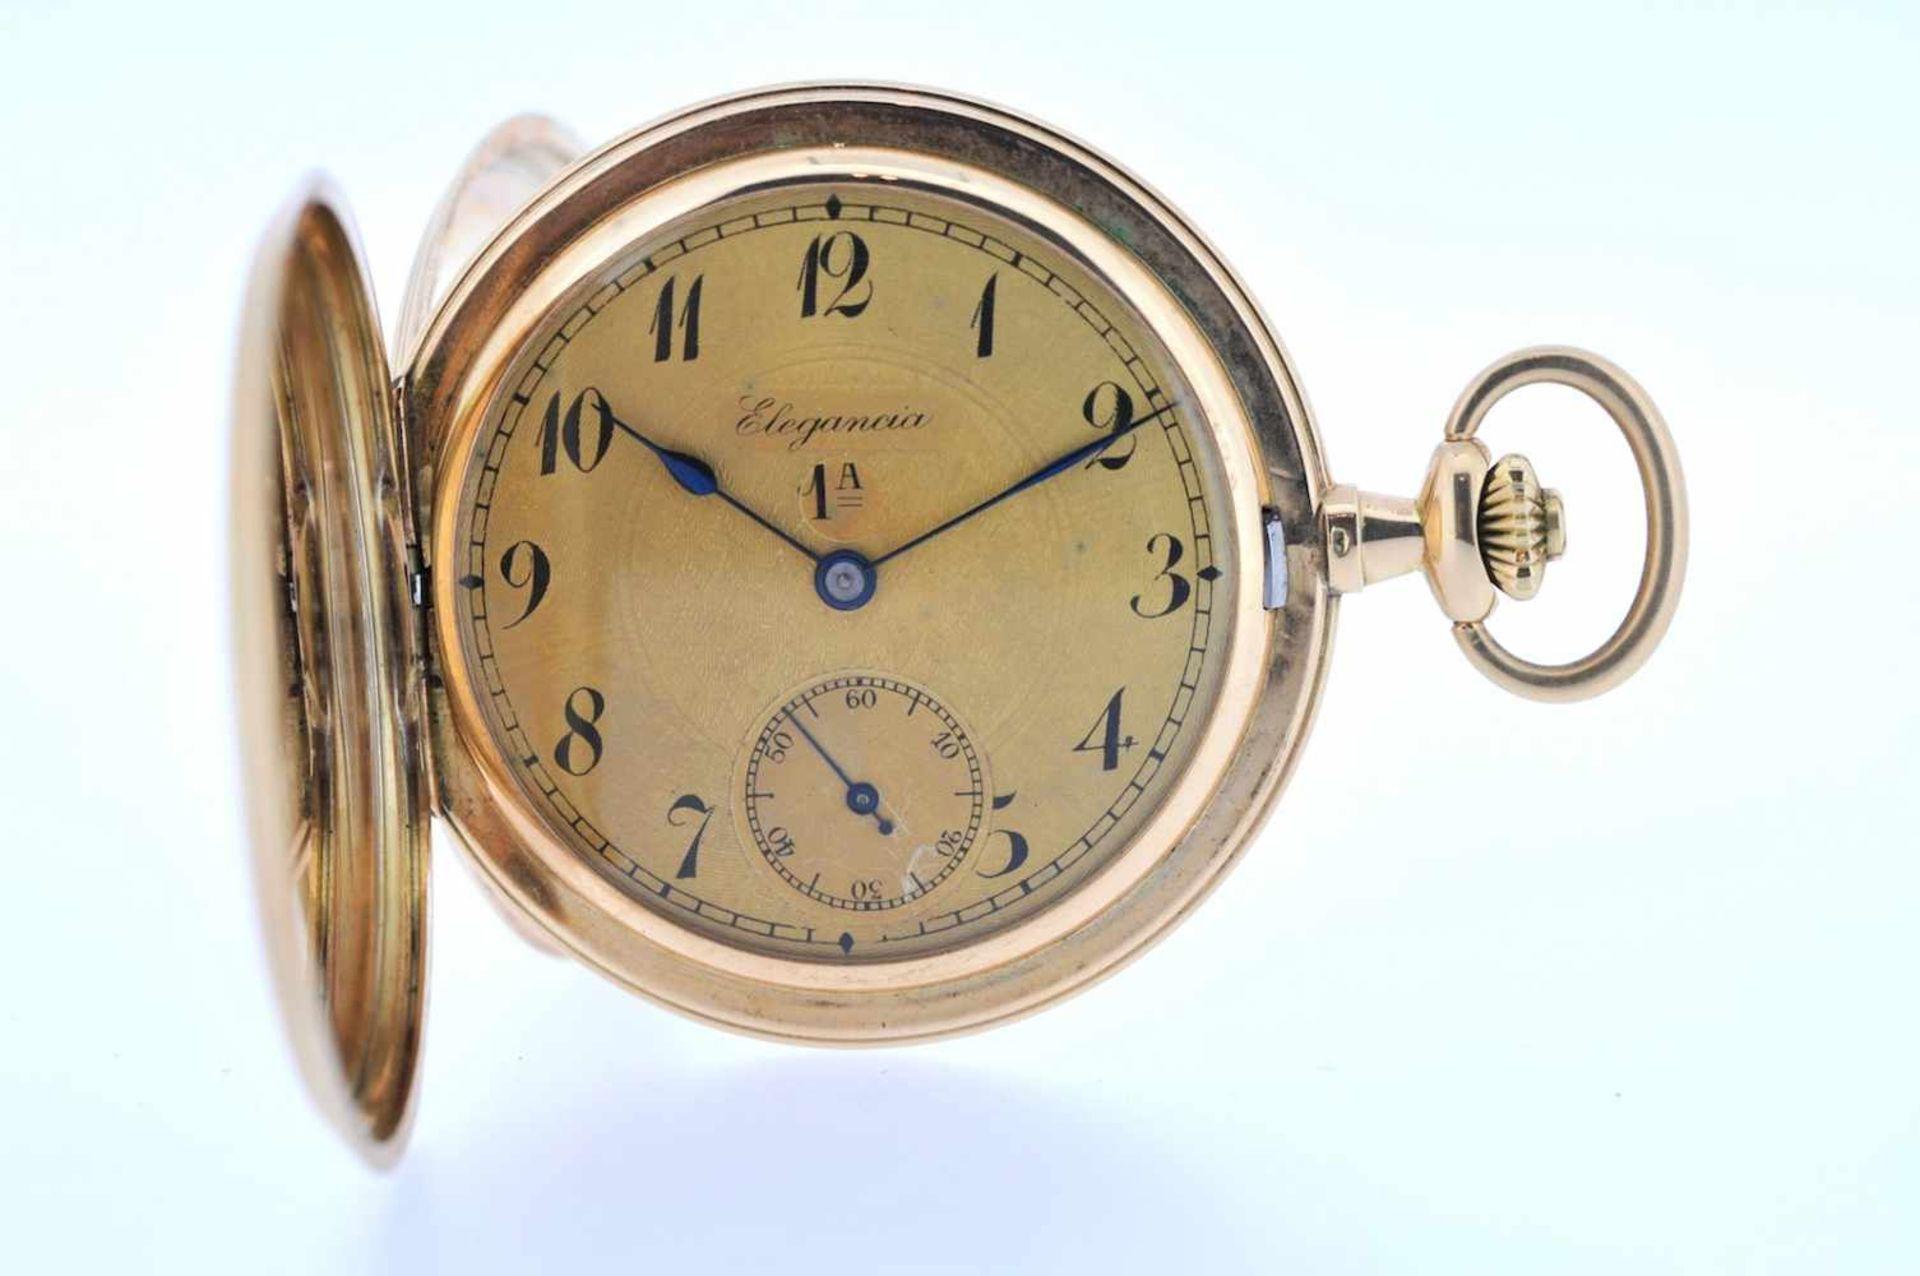 Los 29 - Goldene Herrentaschenuhr Goldene Herrentaschenuhr mit kleiner Sekunde, Elegancia, Breguetspirale,